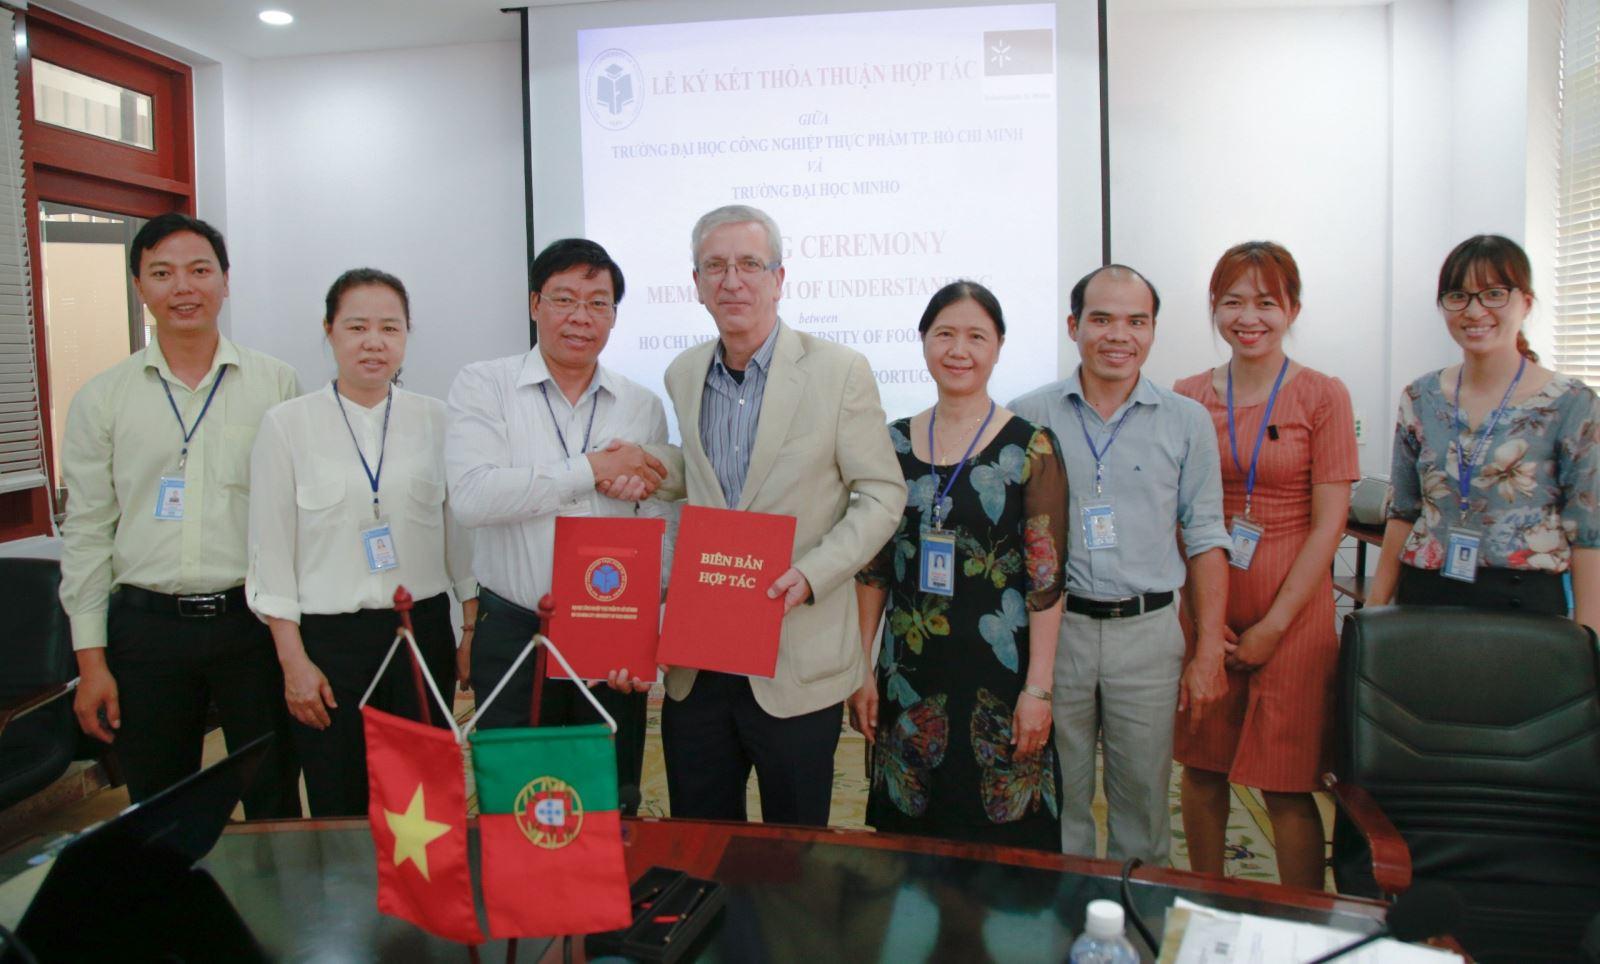 Lễ ký kết thỏa thuận hợp tác giữa Trường Đại học Công nghiệp Thực phẩm TP HCM (HUFI) và Trường Đại học Minho (Bồ Đào Nha)